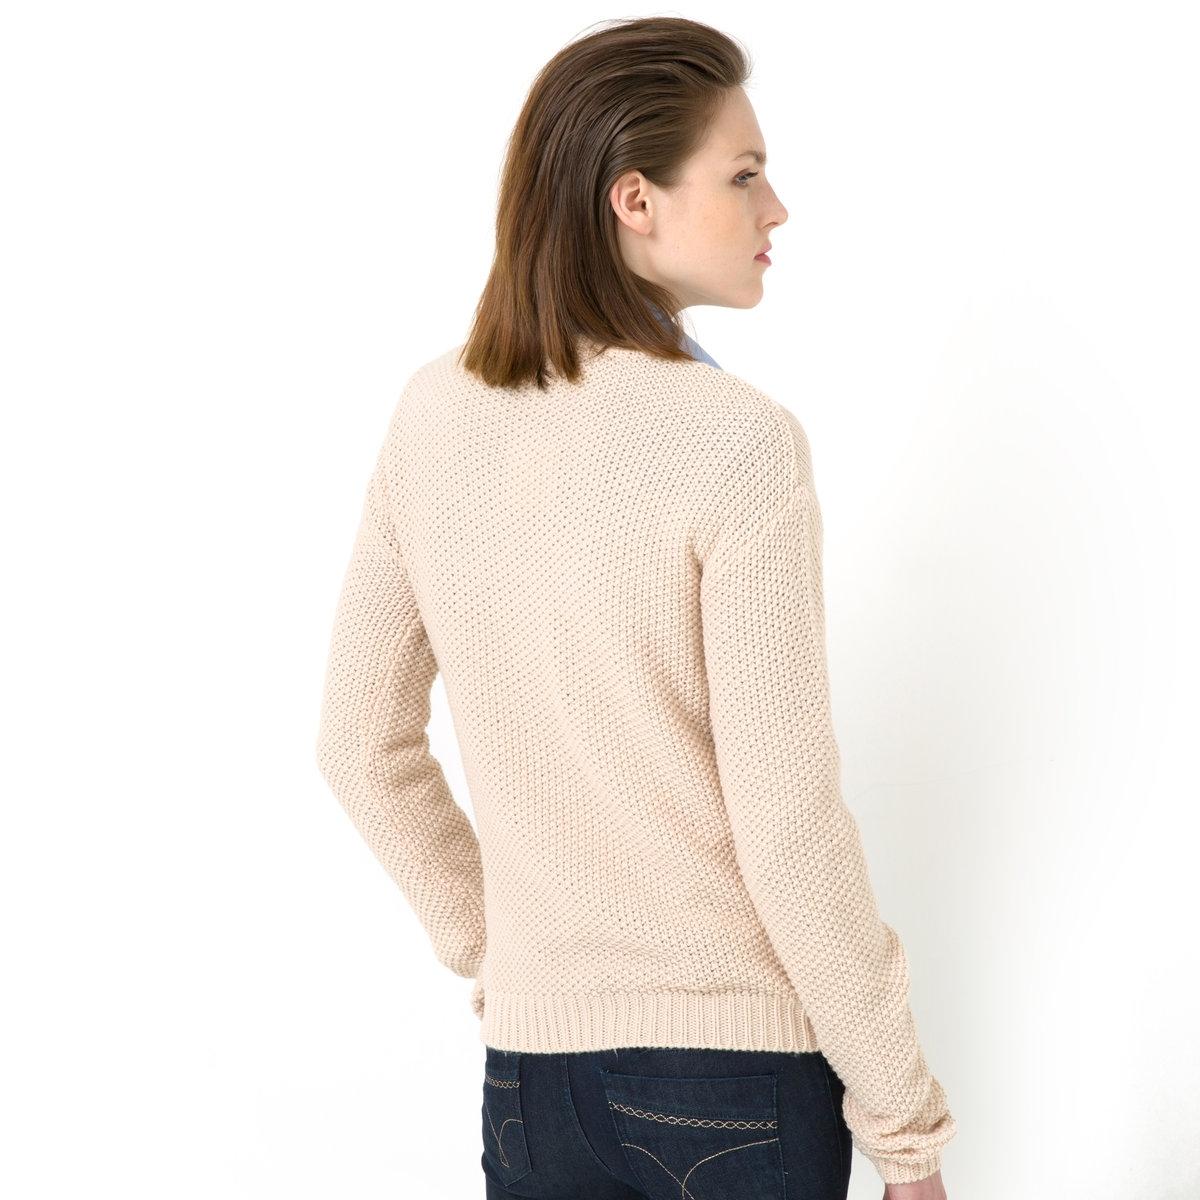 Пуловер с узором косы и бахромойПуловер из узорного трикотажа, 100% акрила. Узор косы и бахрома. Круглый вырез. Длинные рукава. Края связаны в рубчик. Длина ок. 57 см.<br><br>Цвет: экрю